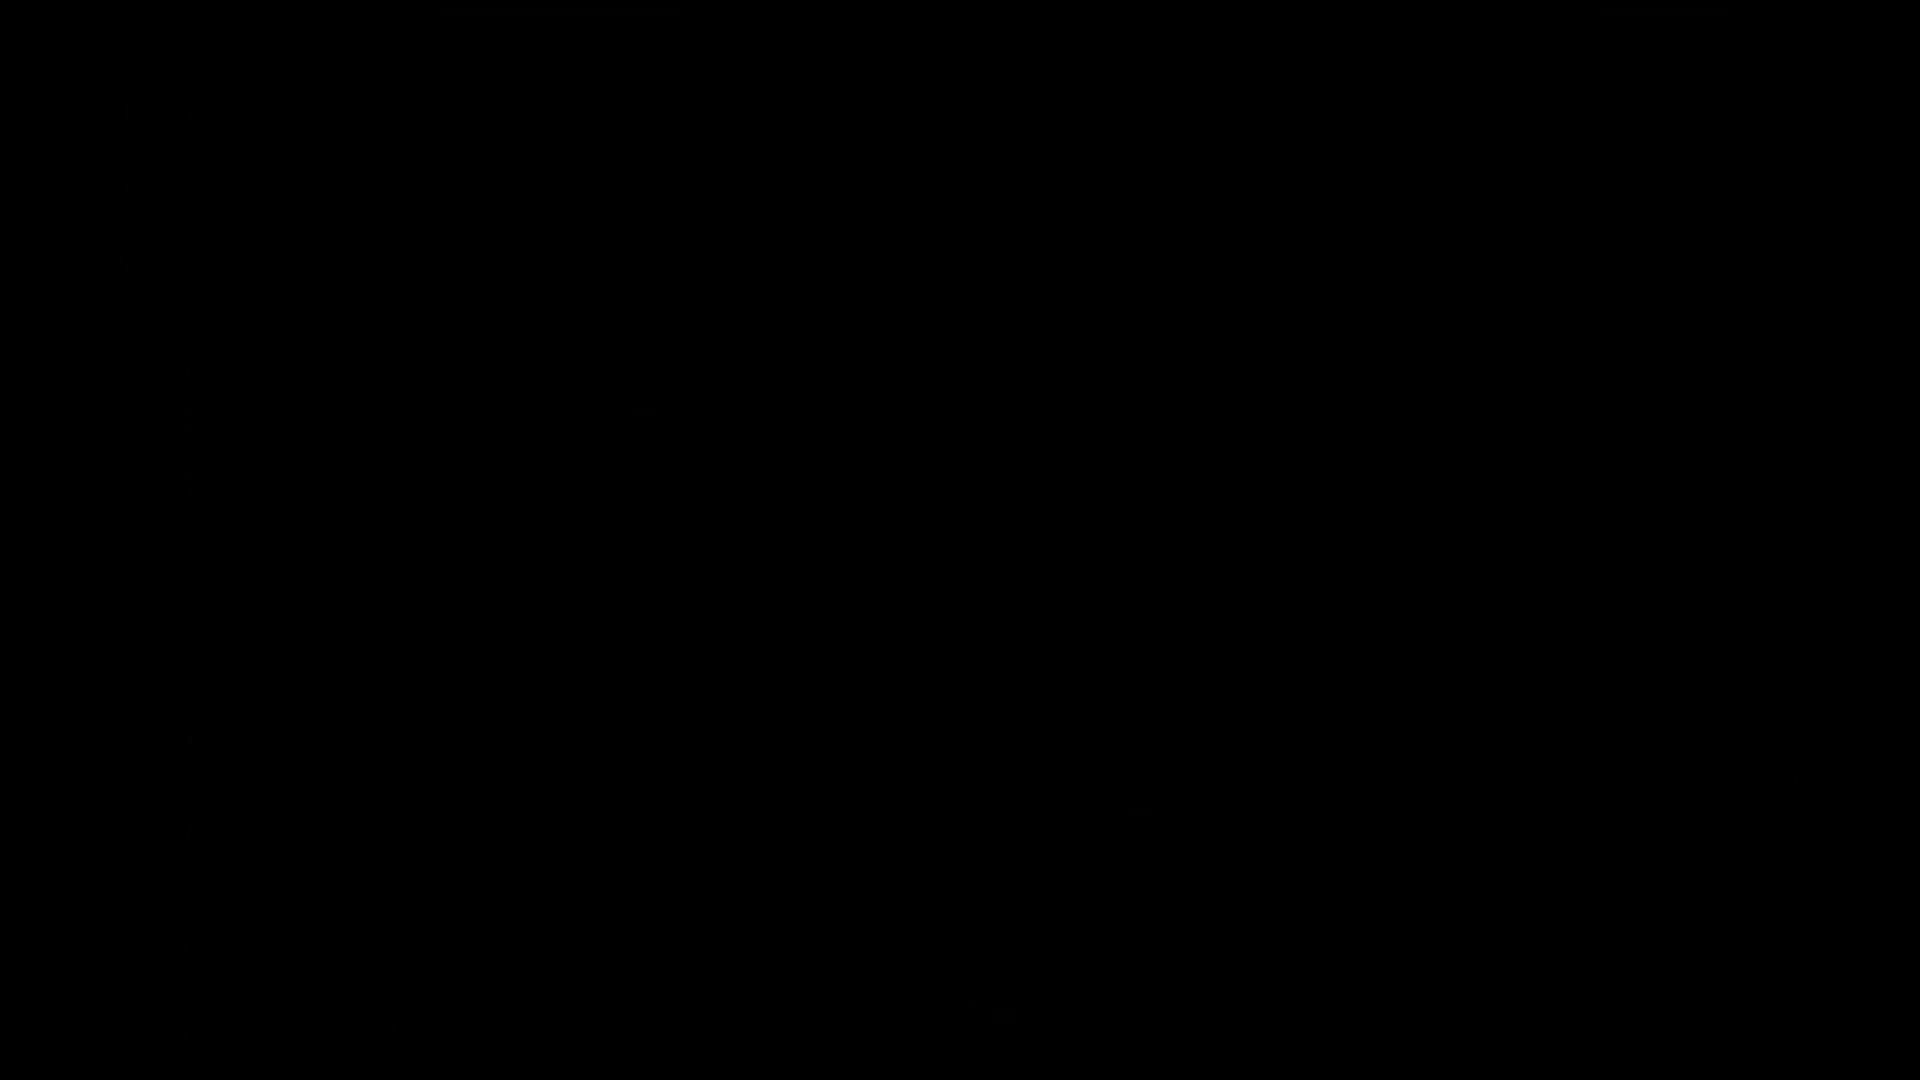 お漏らし寸前デパトイレ盗撮!Vol.03 トイレ オマンコ動画キャプチャ 52連発 27